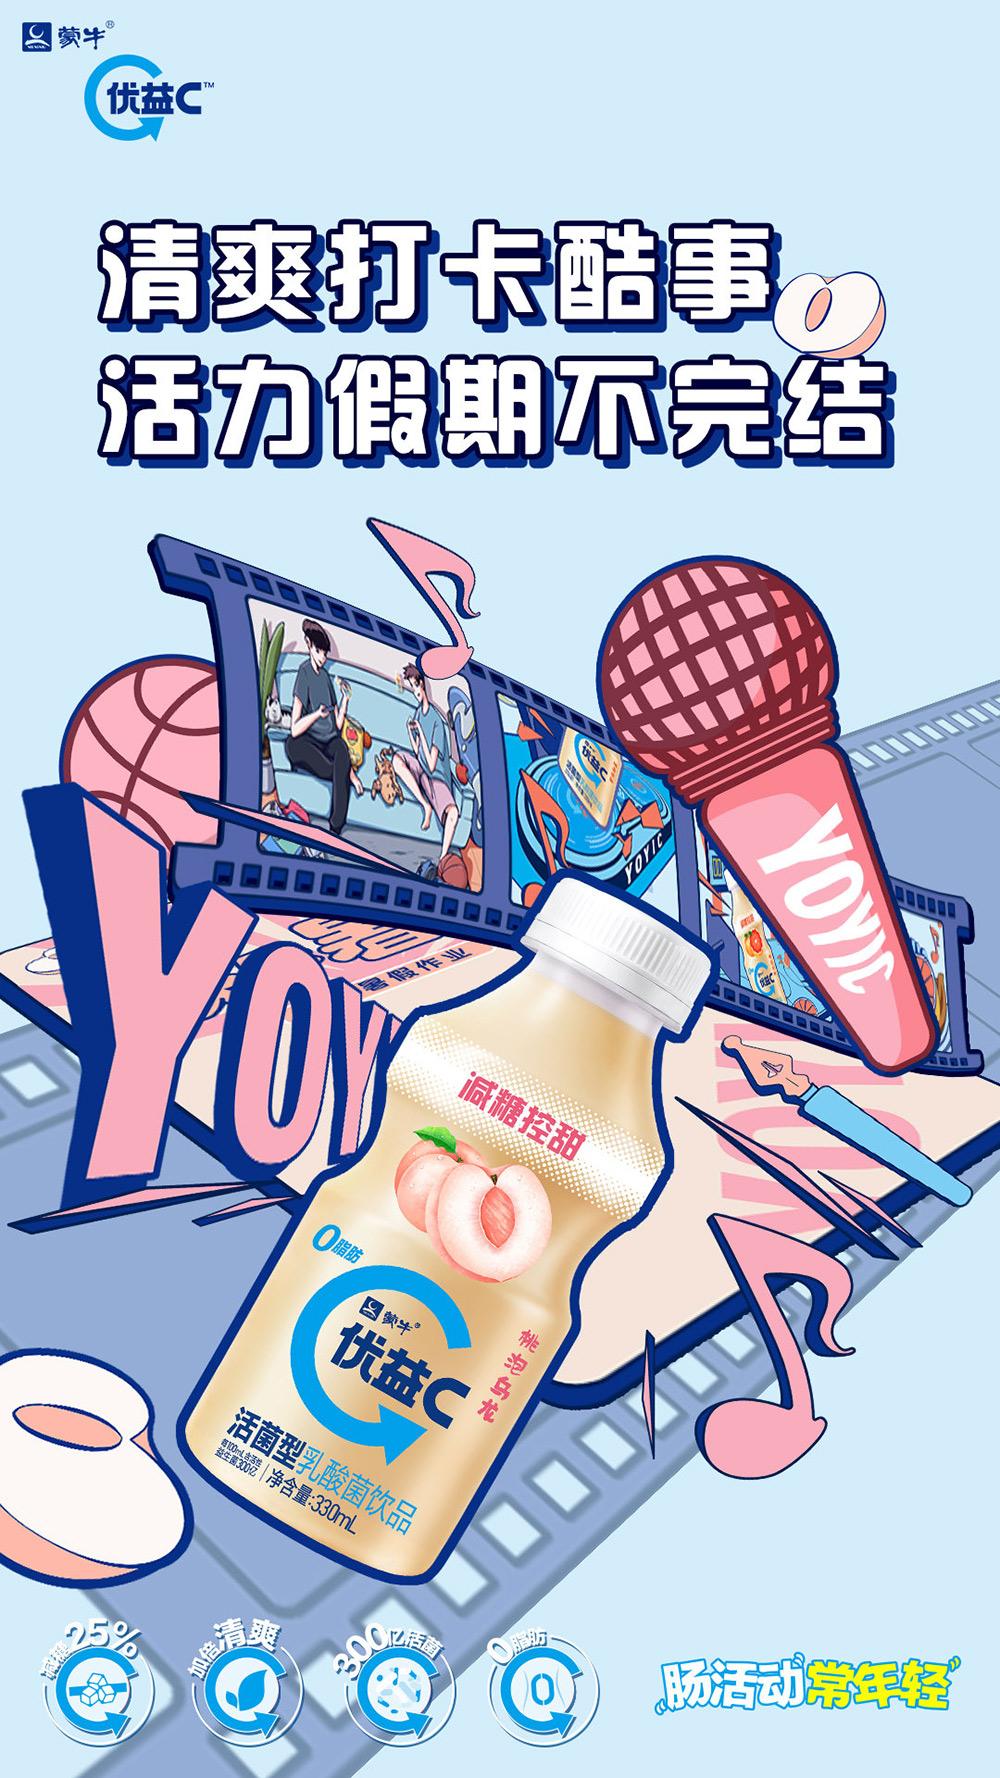 炎炎夏日快到了!清爽的饮品海报来一波